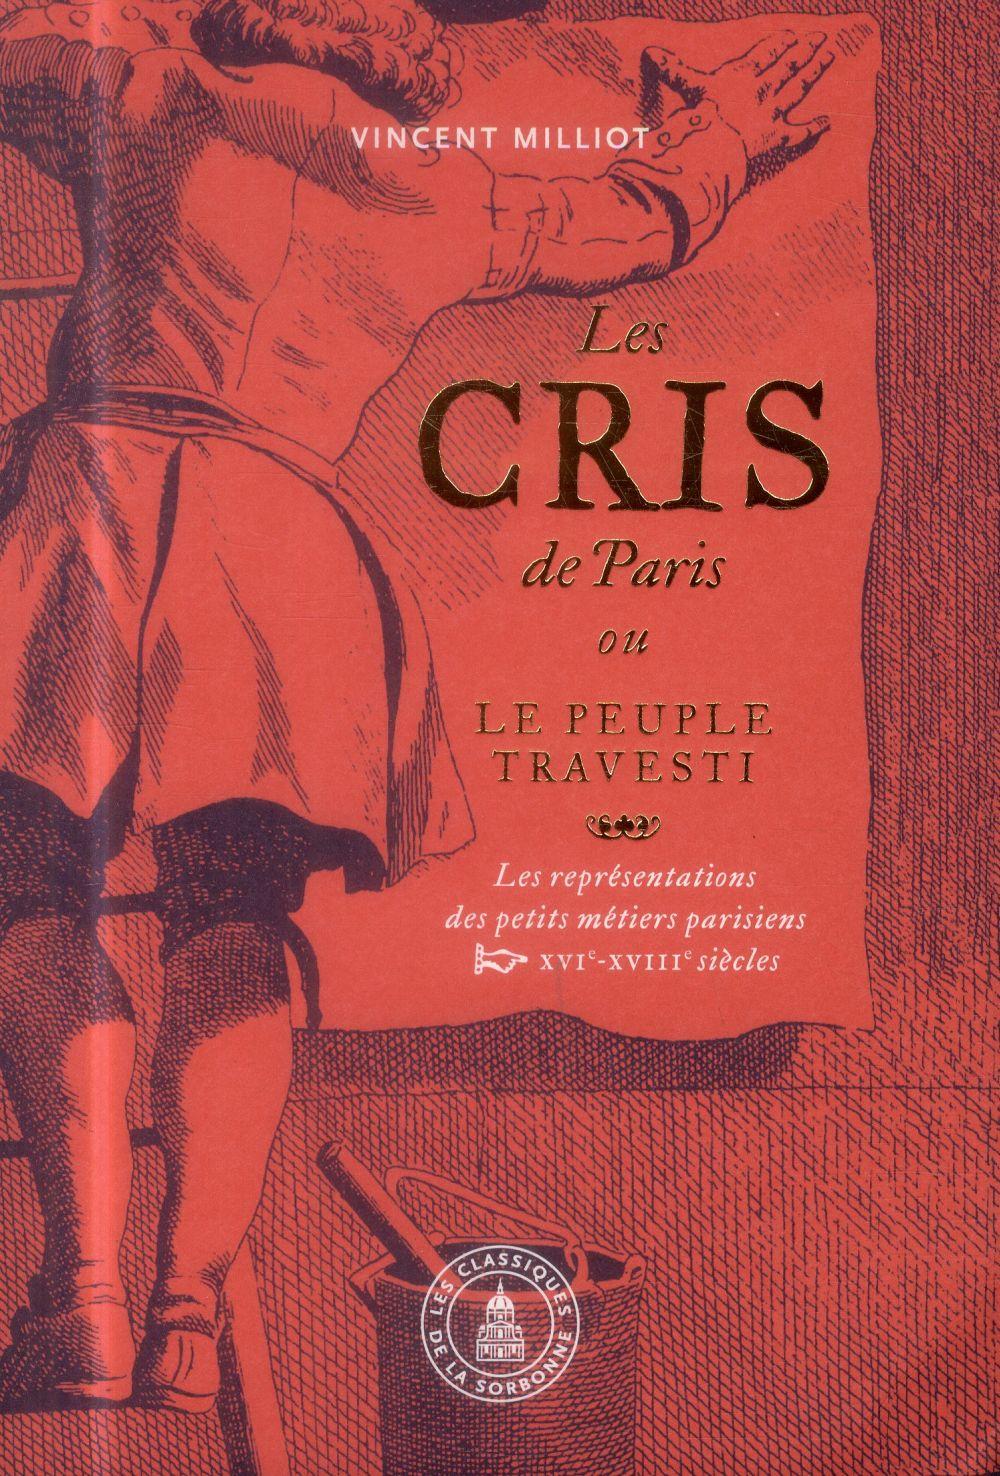 LES CRIS DE PARIS OU LE PEUPLE TRAVESTI